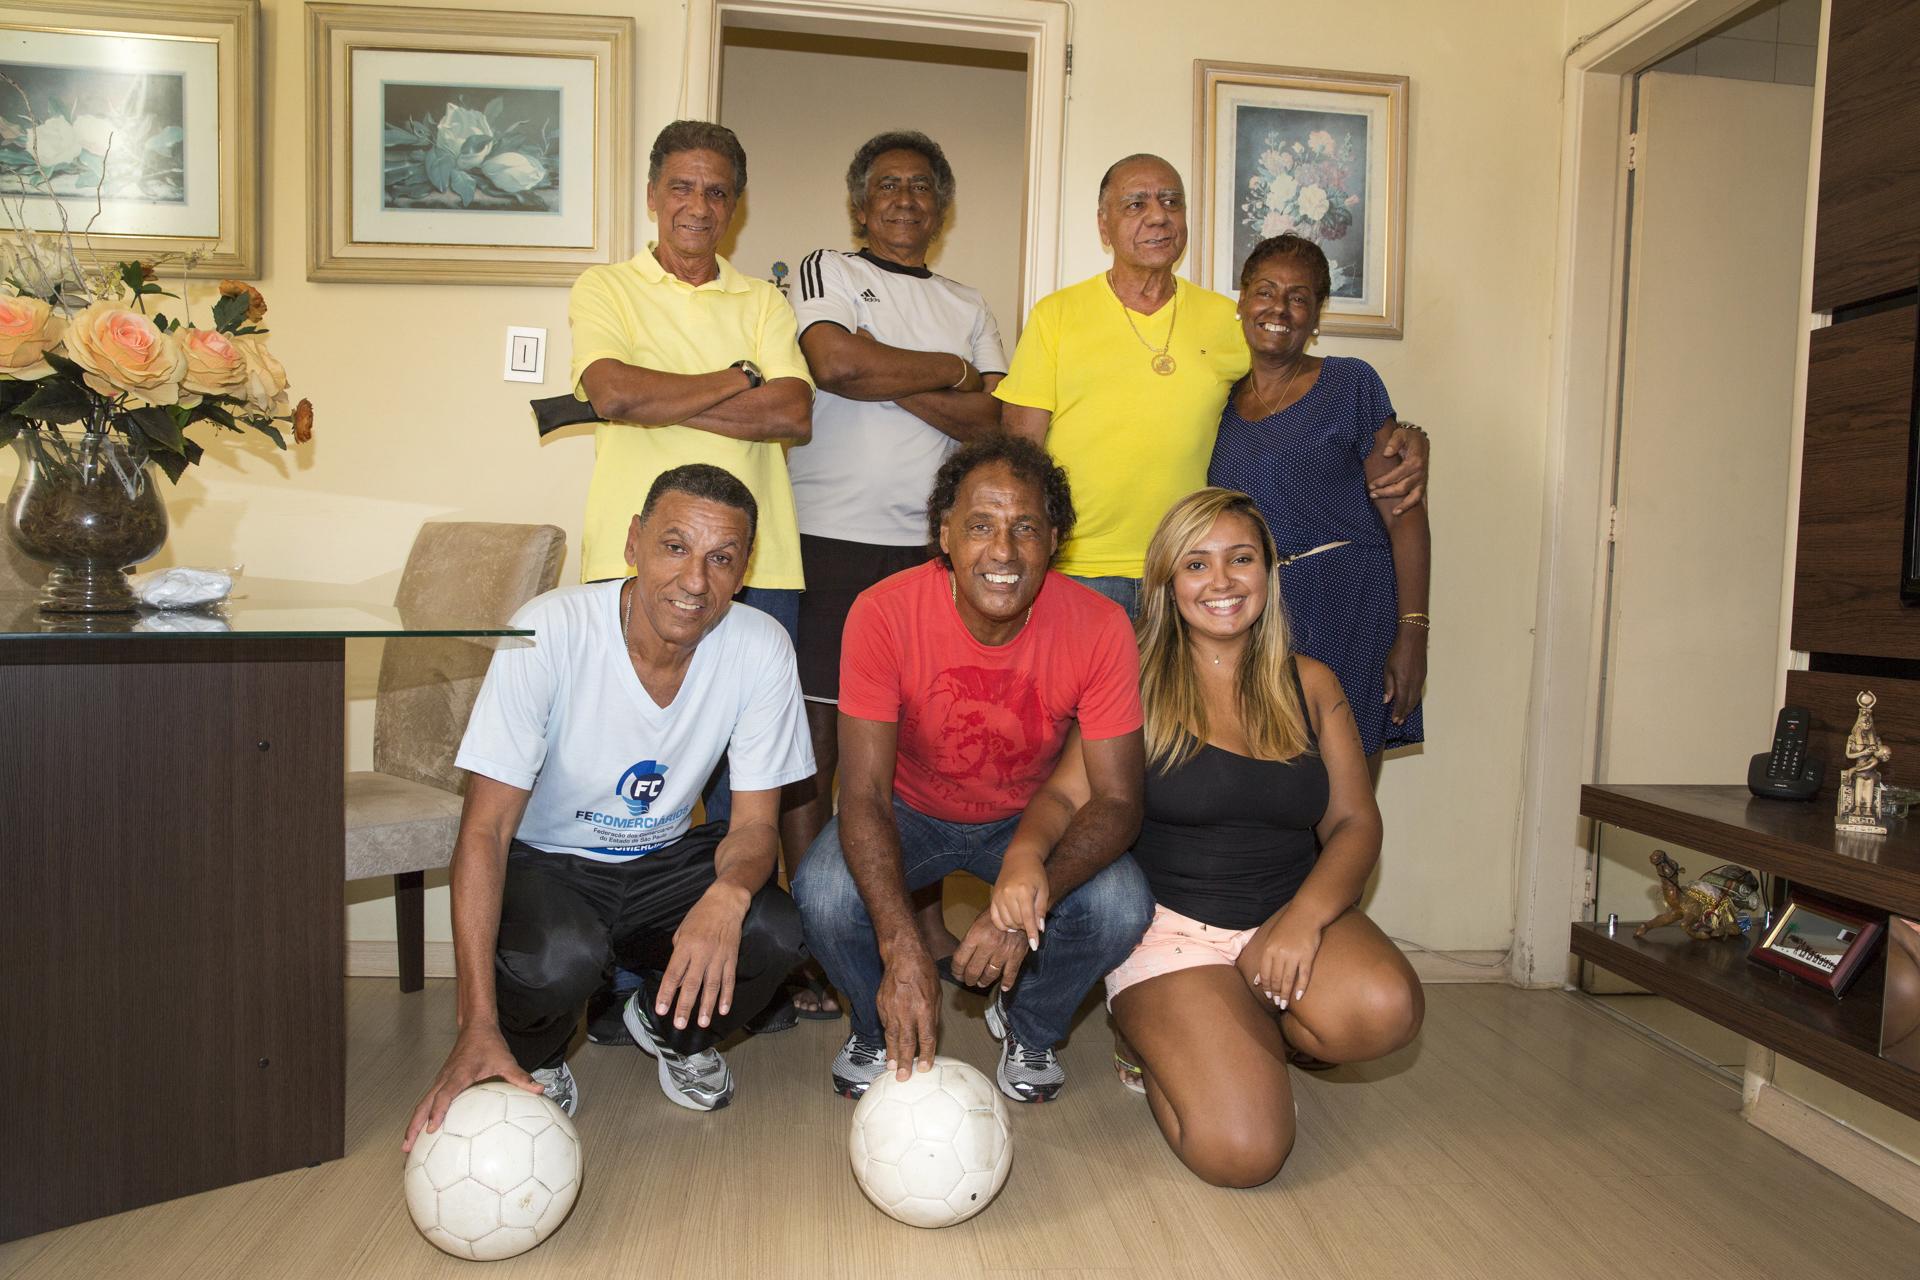 Em pé: Paulinho, Marcos Neném, César Maluco e Maria da Glória. Agachados: Caio Cambalhota, Luisinho e Natasha Lemos.